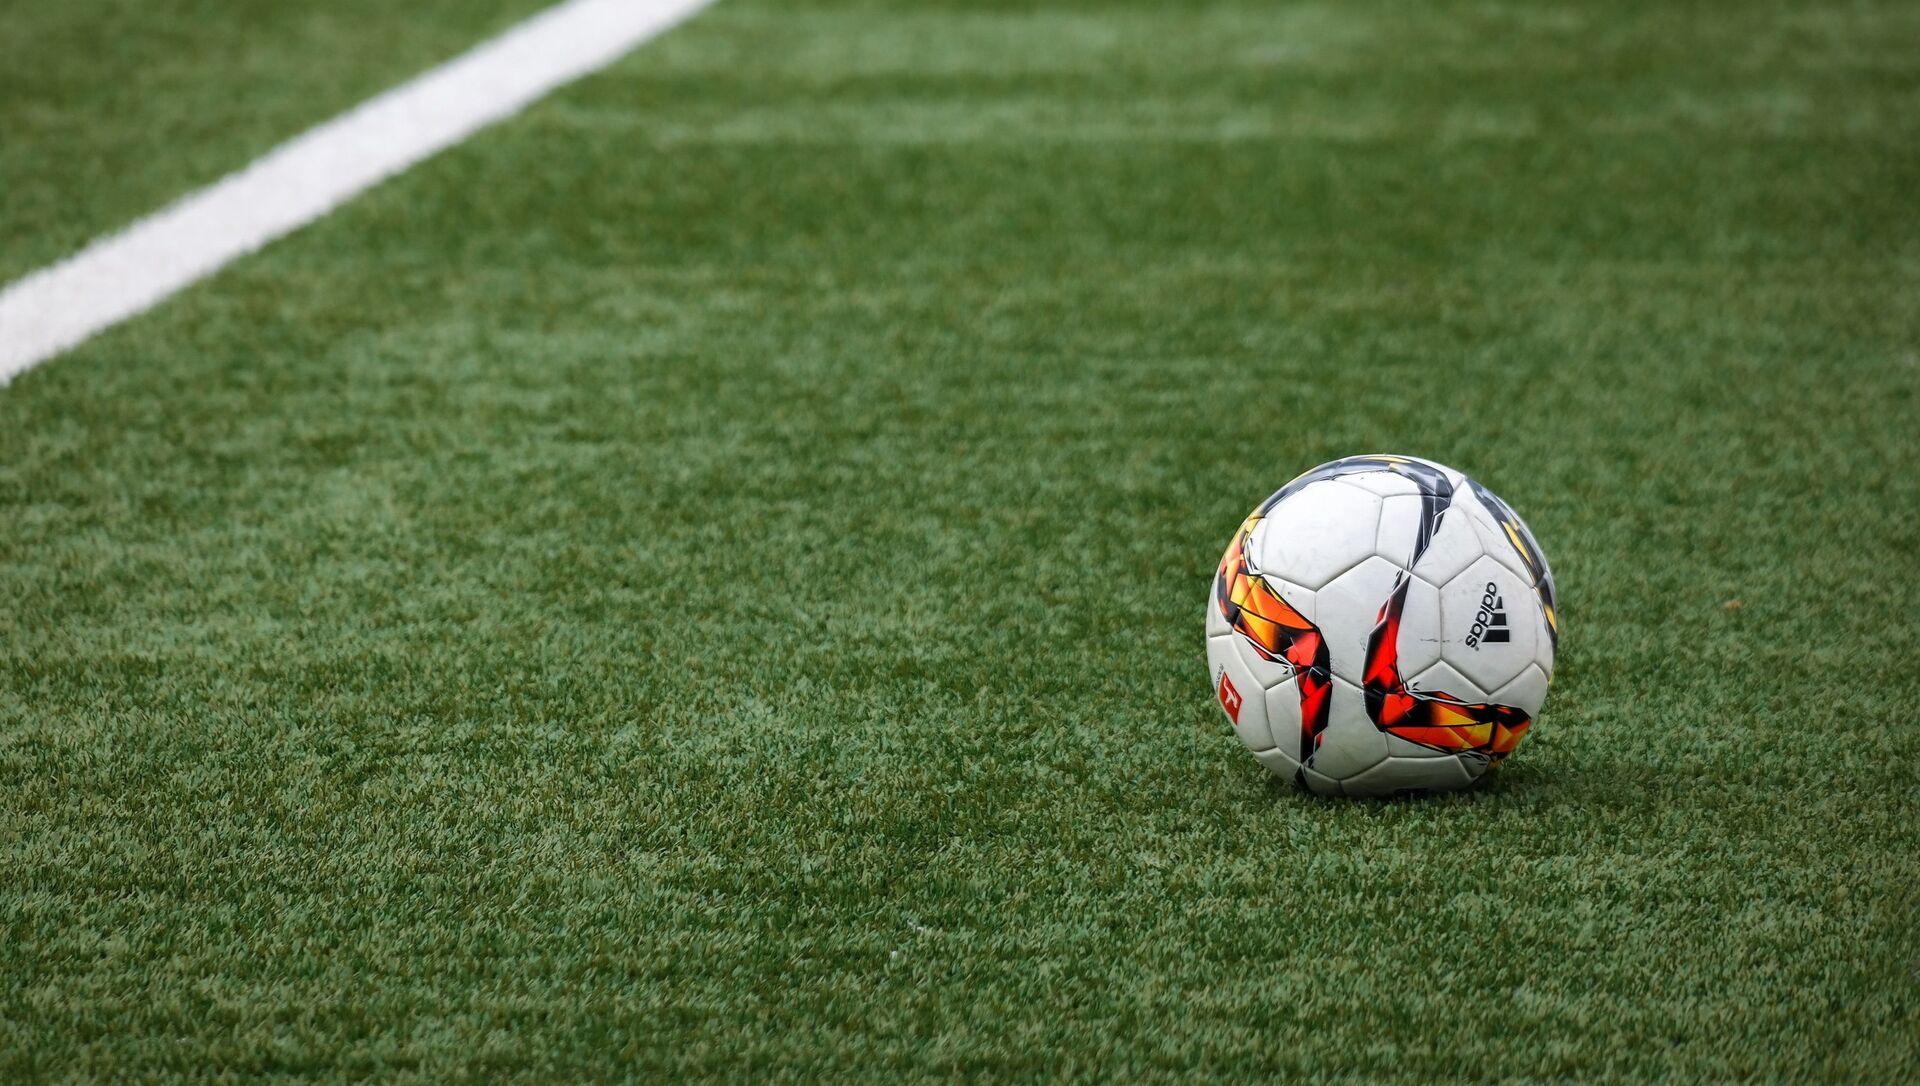 Футбольный мяч  - Sputnik Аҧсны, 1920, 23.09.2021